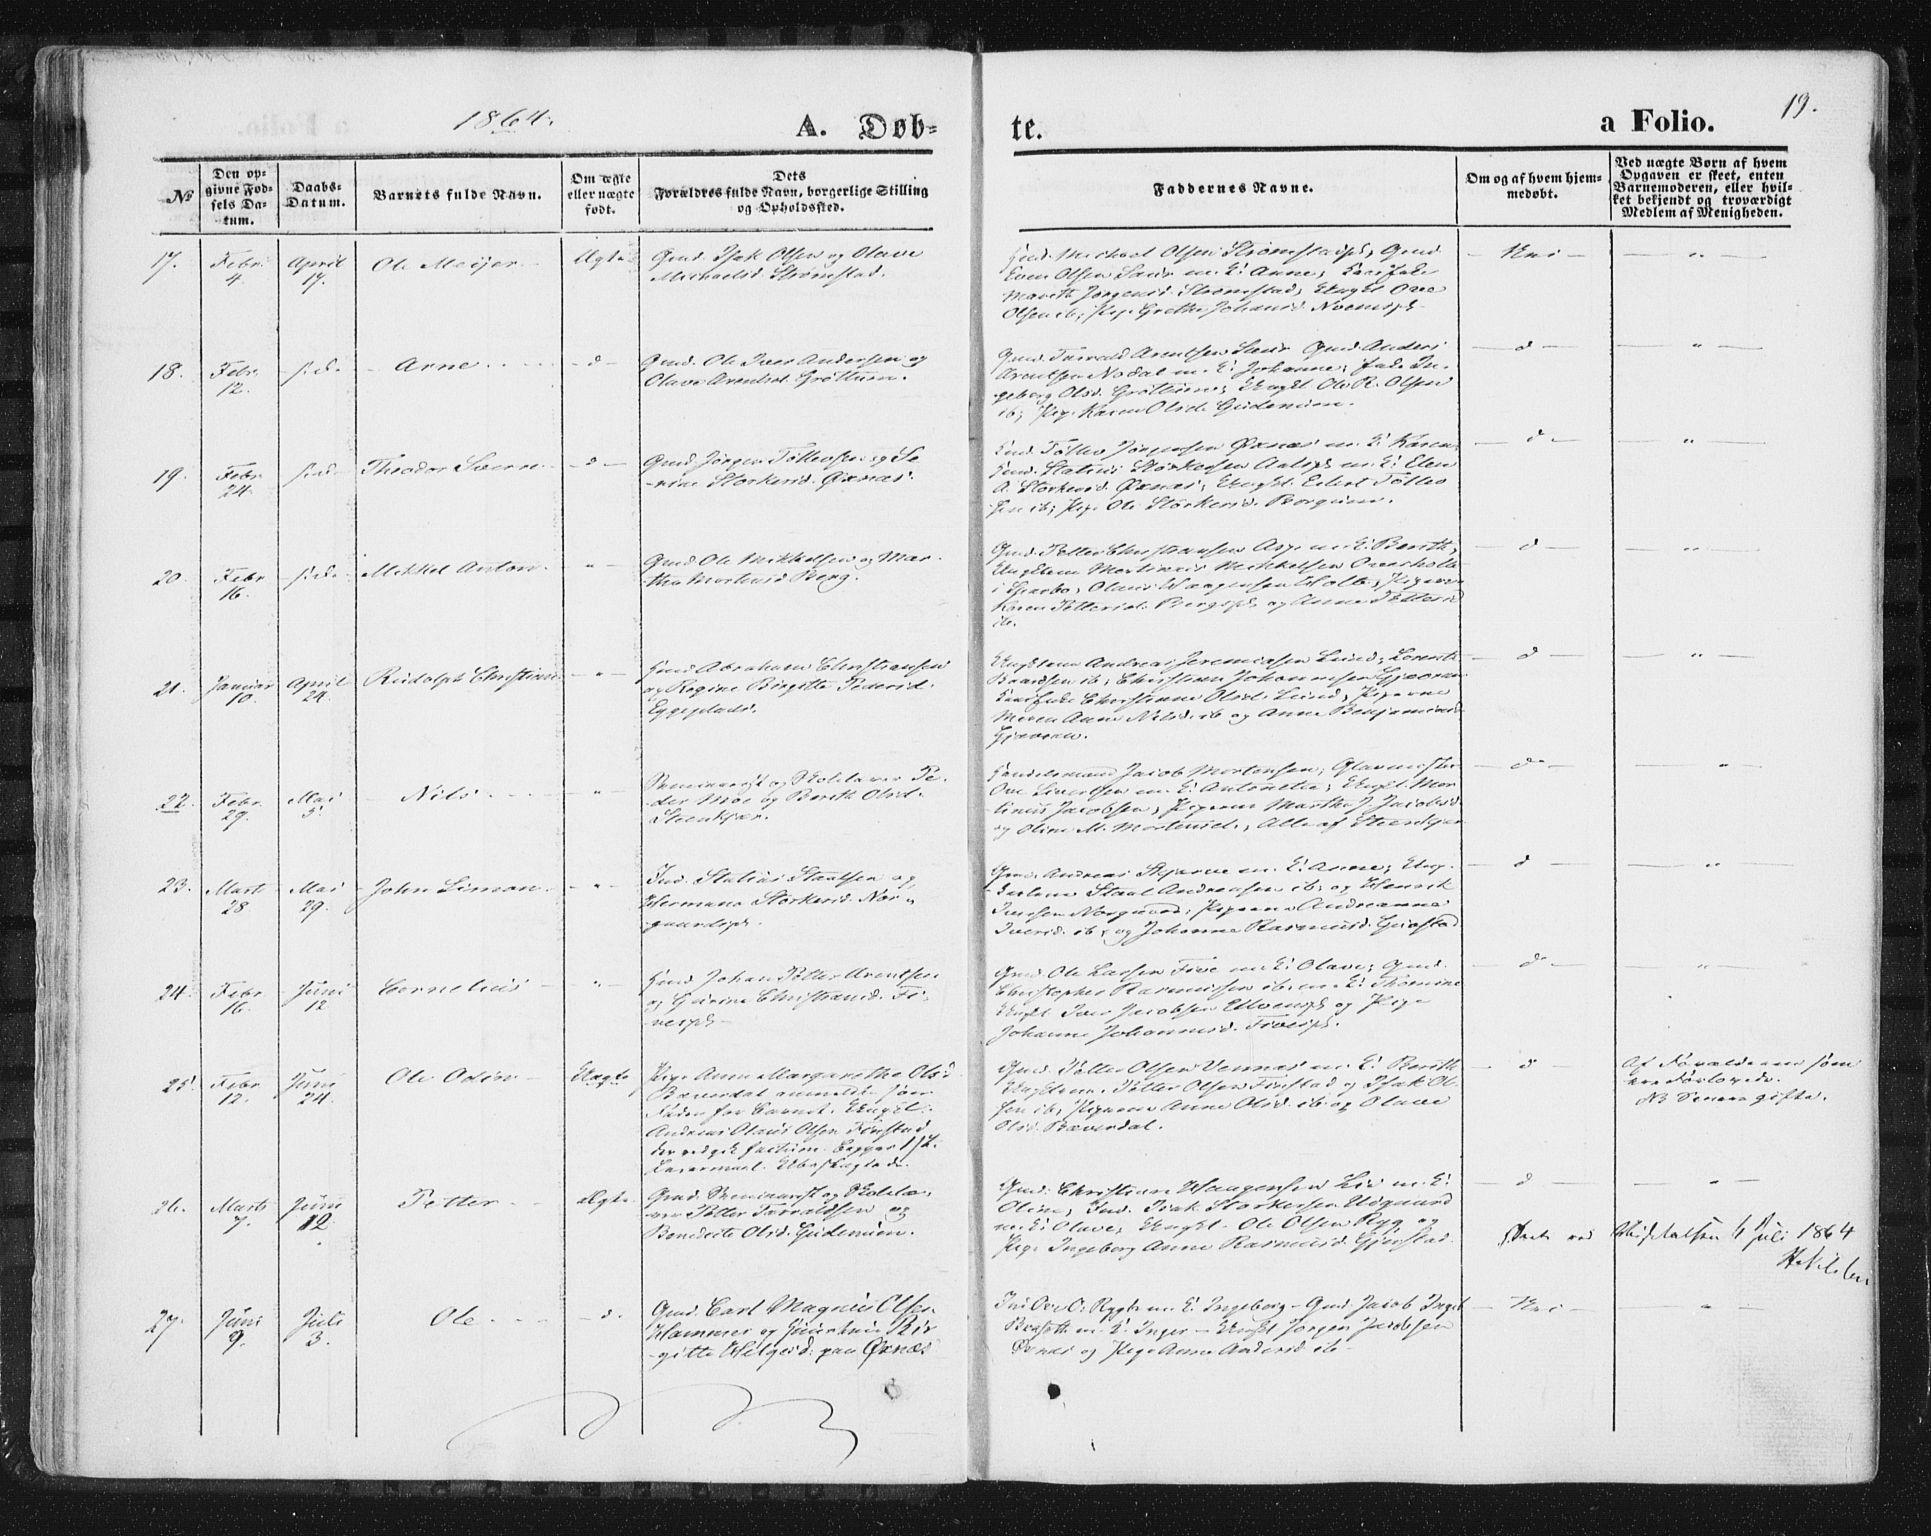 SAT, Ministerialprotokoller, klokkerbøker og fødselsregistre - Nord-Trøndelag, 746/L0447: Ministerialbok nr. 746A06, 1860-1877, s. 19